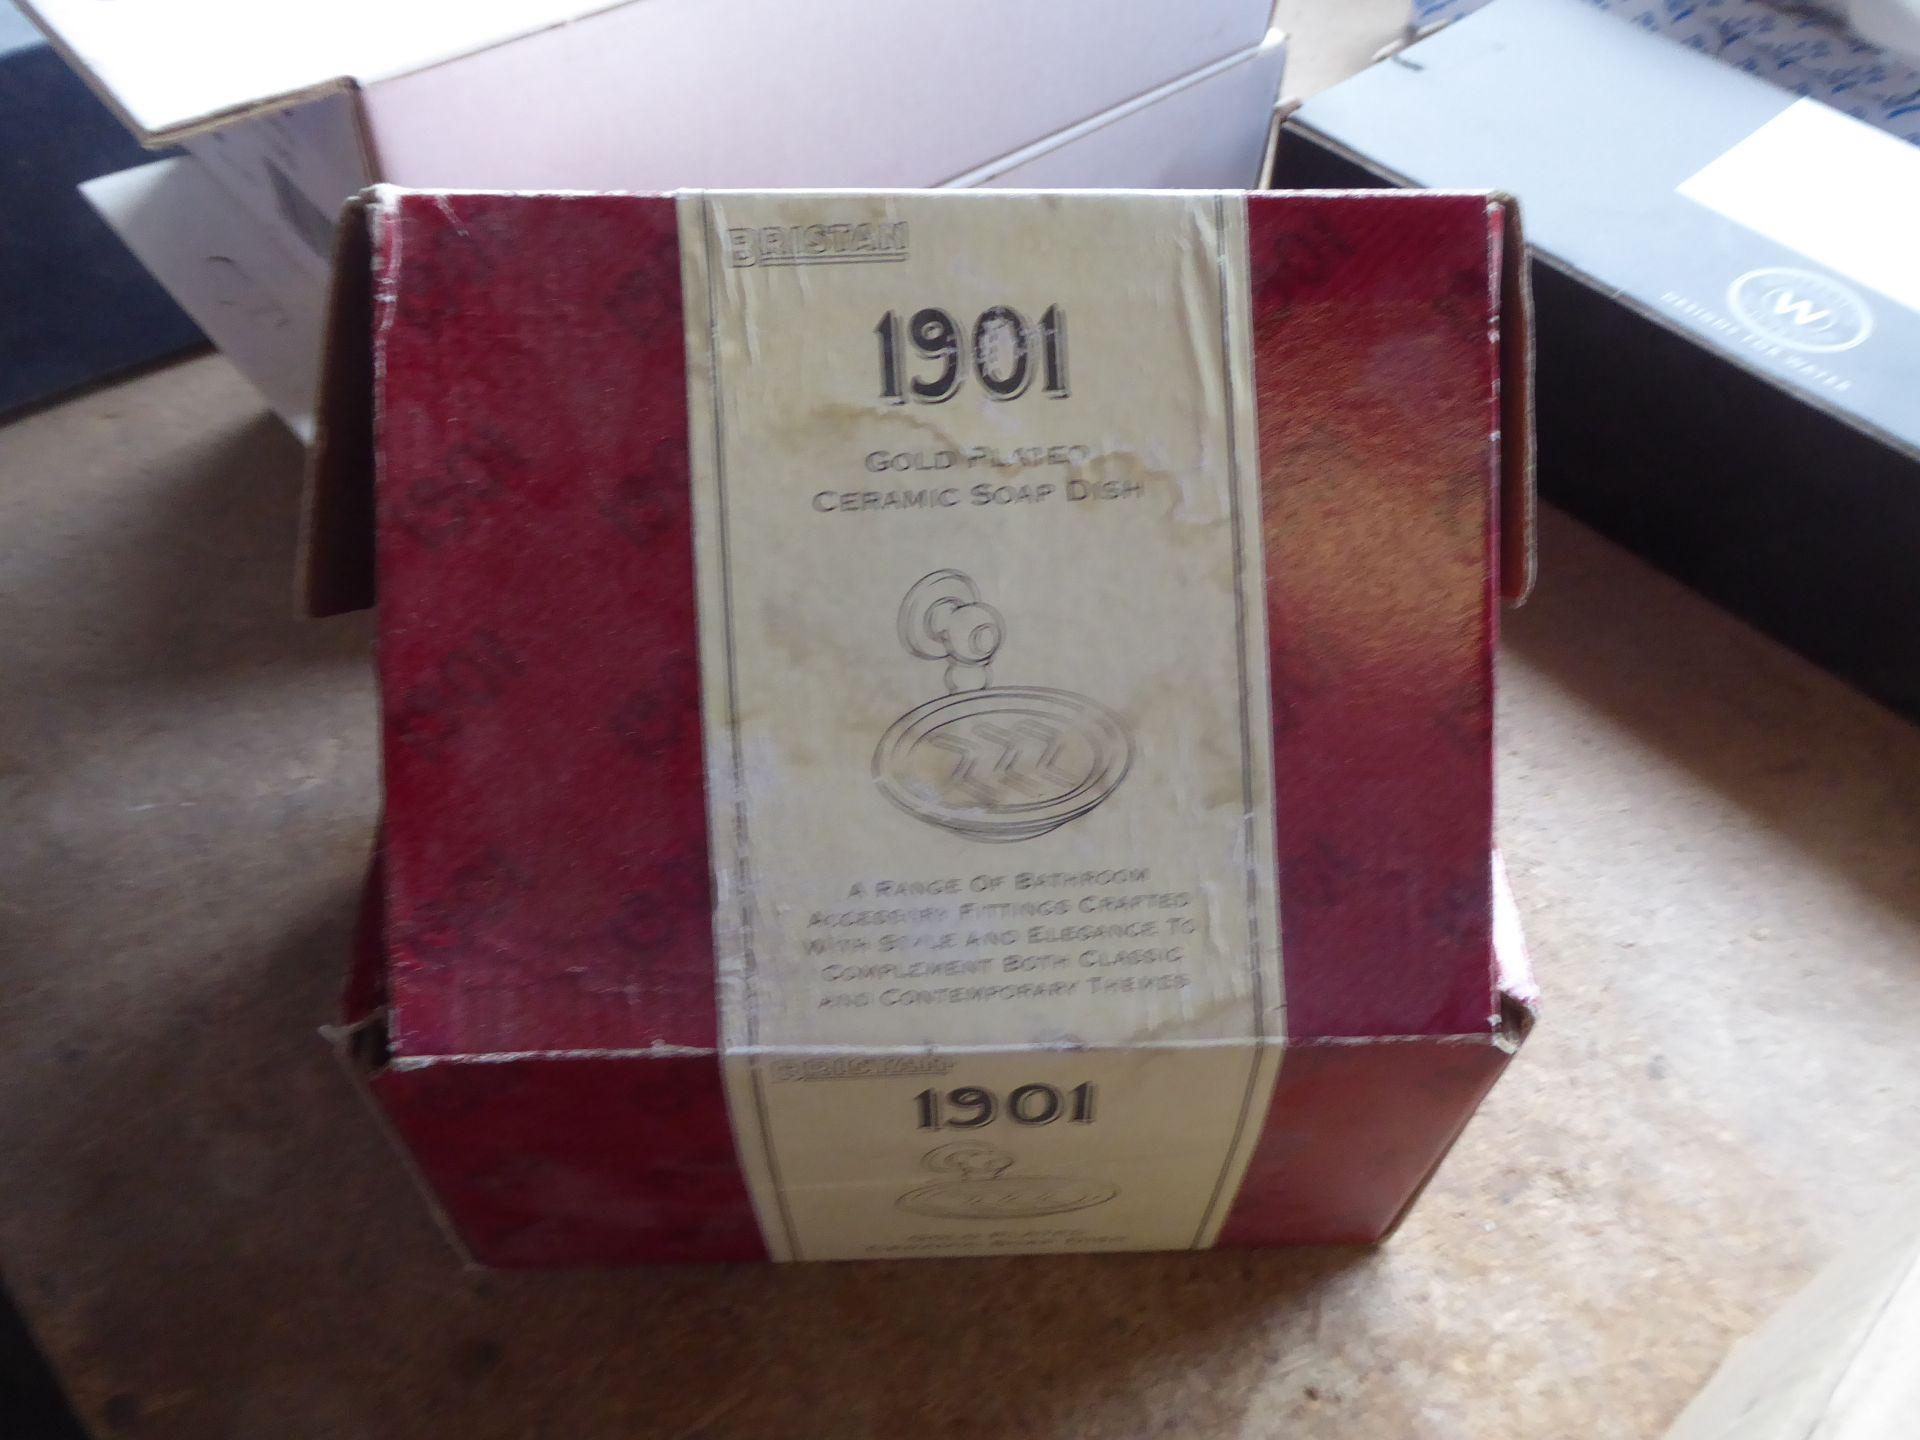 Lot 60 - Bristan 1901 soap dish, white ceramic/gold